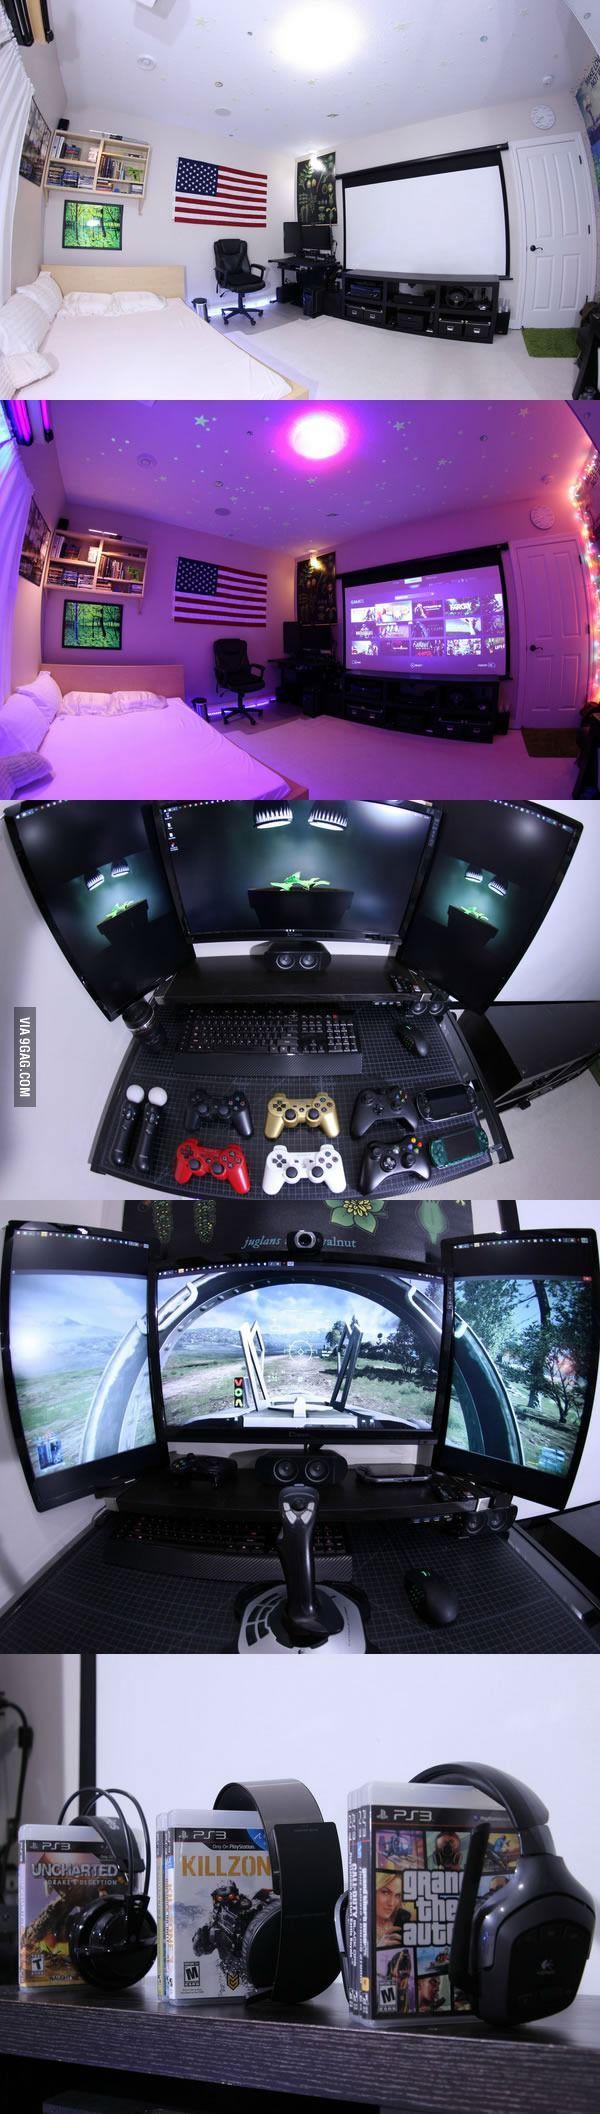 La habitación con la que sueña cualquier Gamer